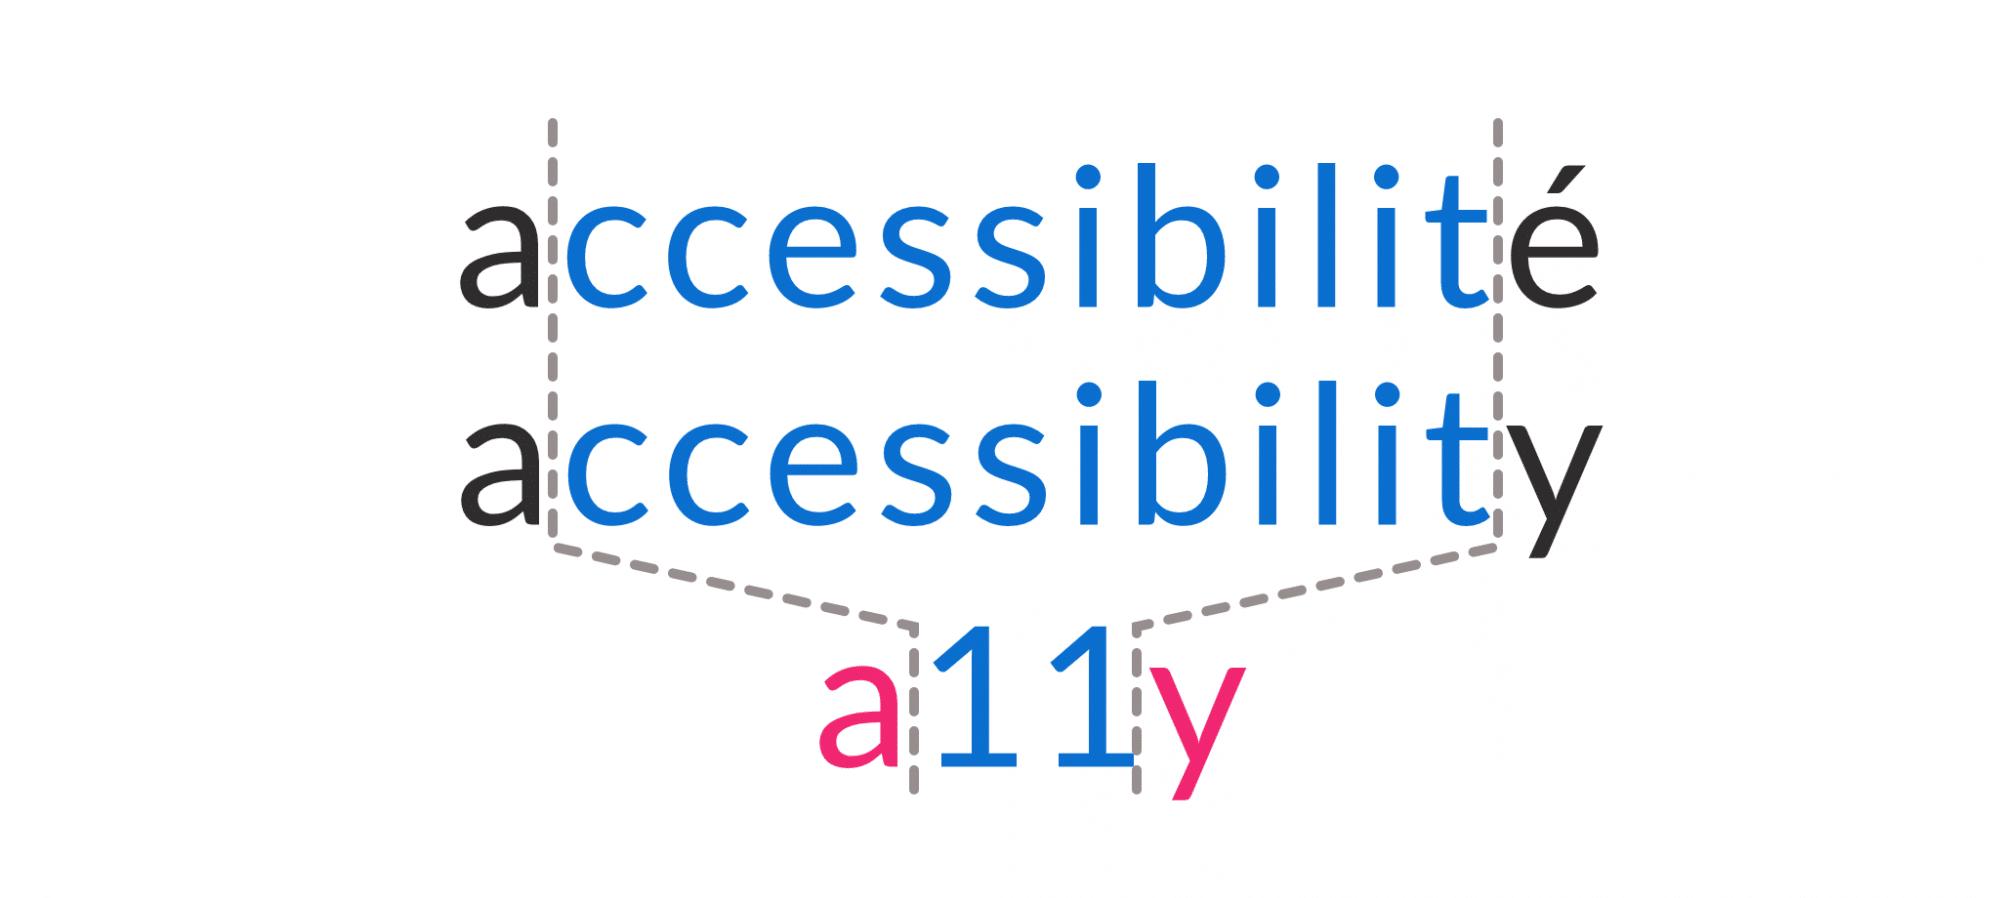 Accessibilité, ou a11y